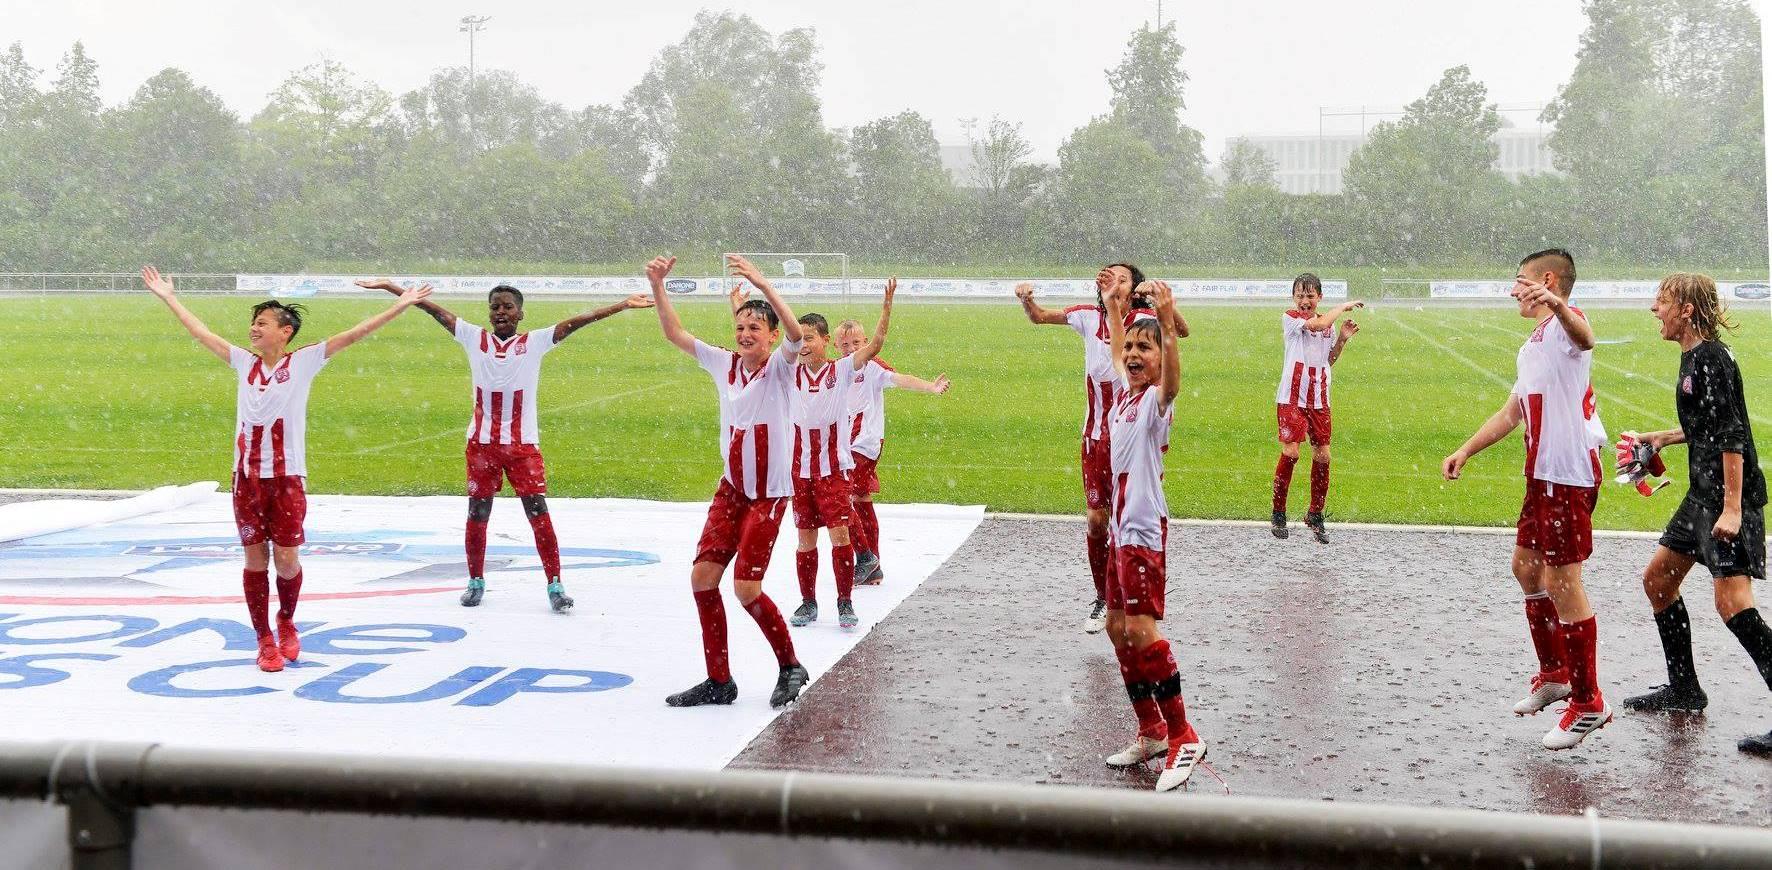 Freudentanz im Regen: Rot-Weiss Essens U12 feiert den Finalsieg und die Qualifikation für die Endrunde des Danone Nations Cups.